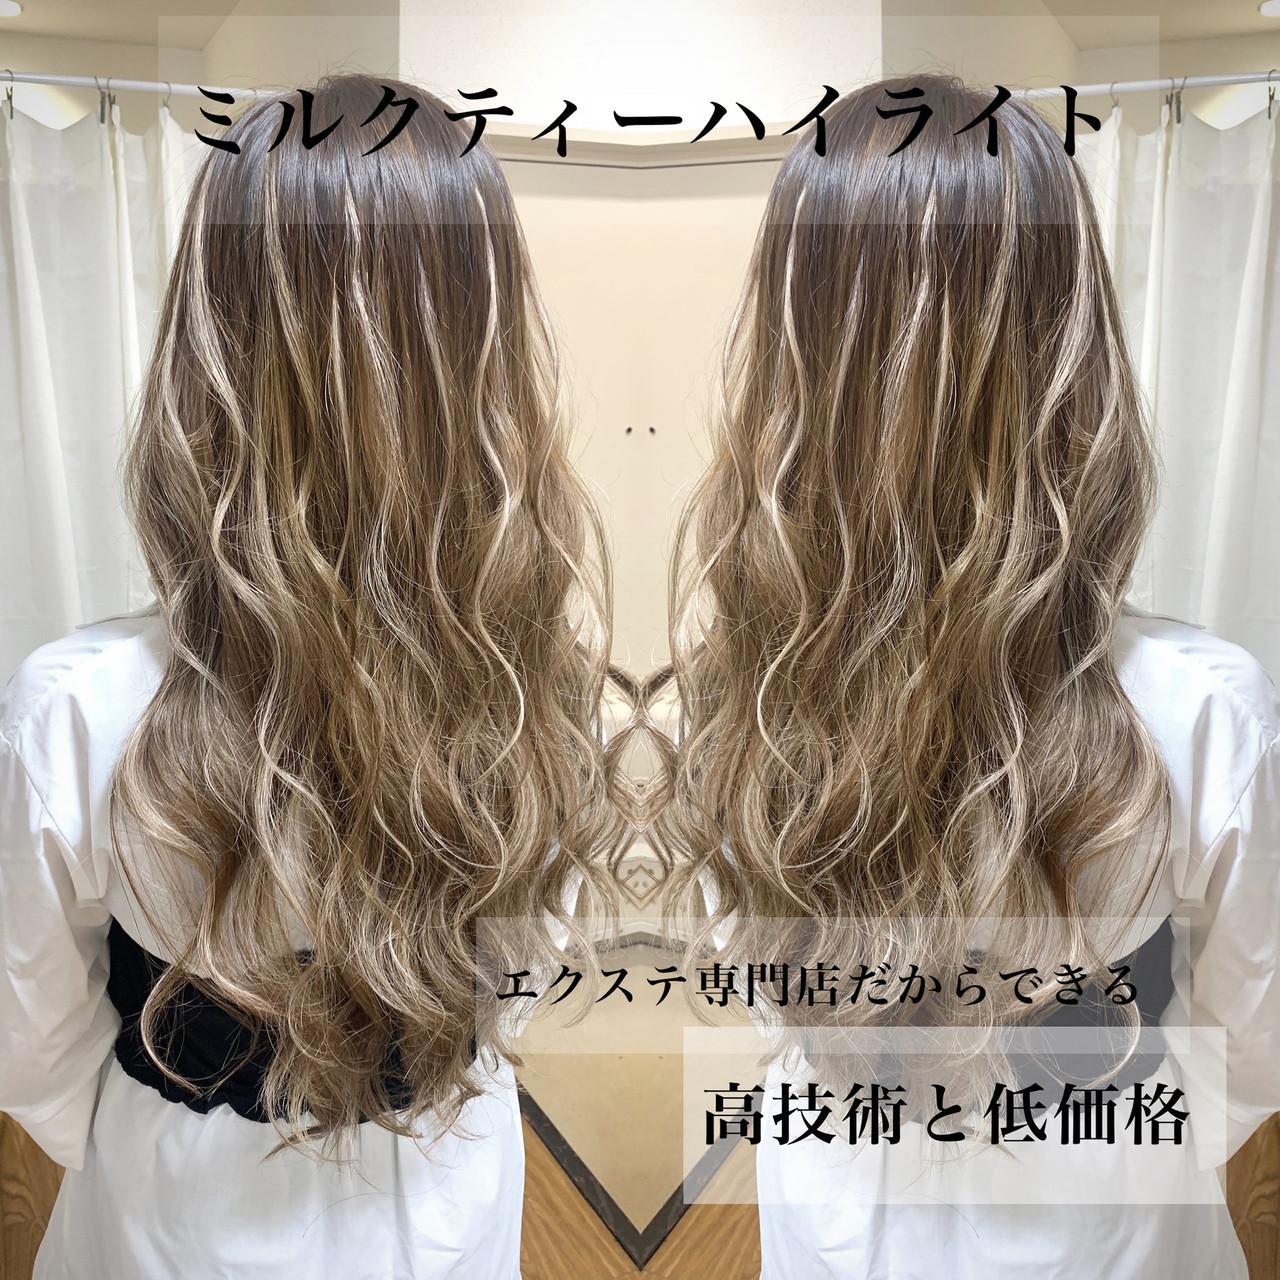 エクステ グラデーションカラー ロング ギャル ヘアスタイルや髪型の写真・画像 | 島川令 / エクステ専門店R